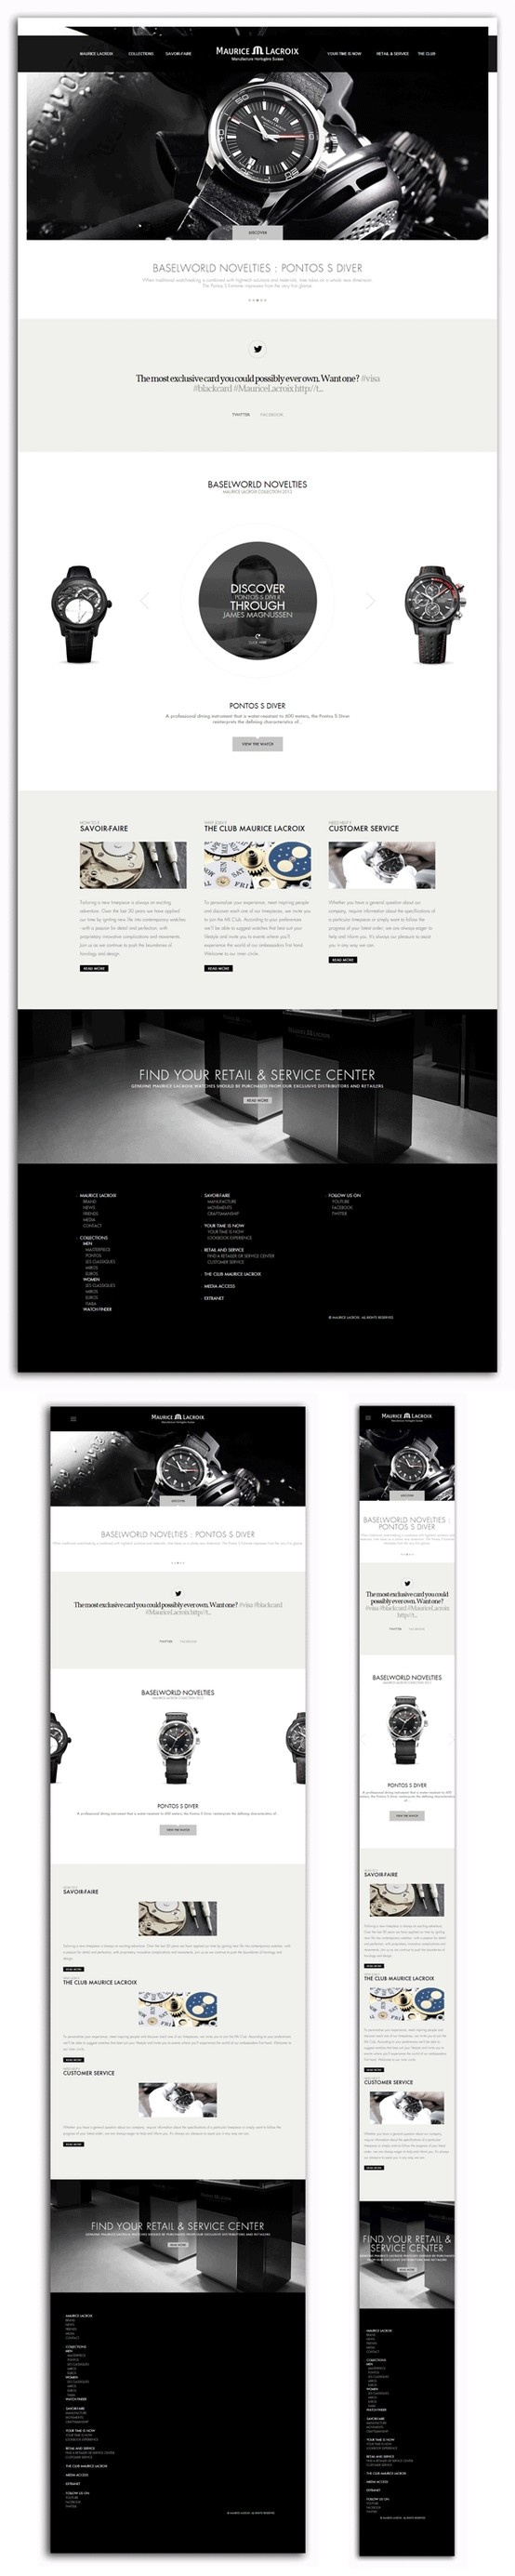 mauricelacroix.com Diseño: 5  Responsive: 4  Navegación: 5  Contenido: 4  Usabilidad: 4